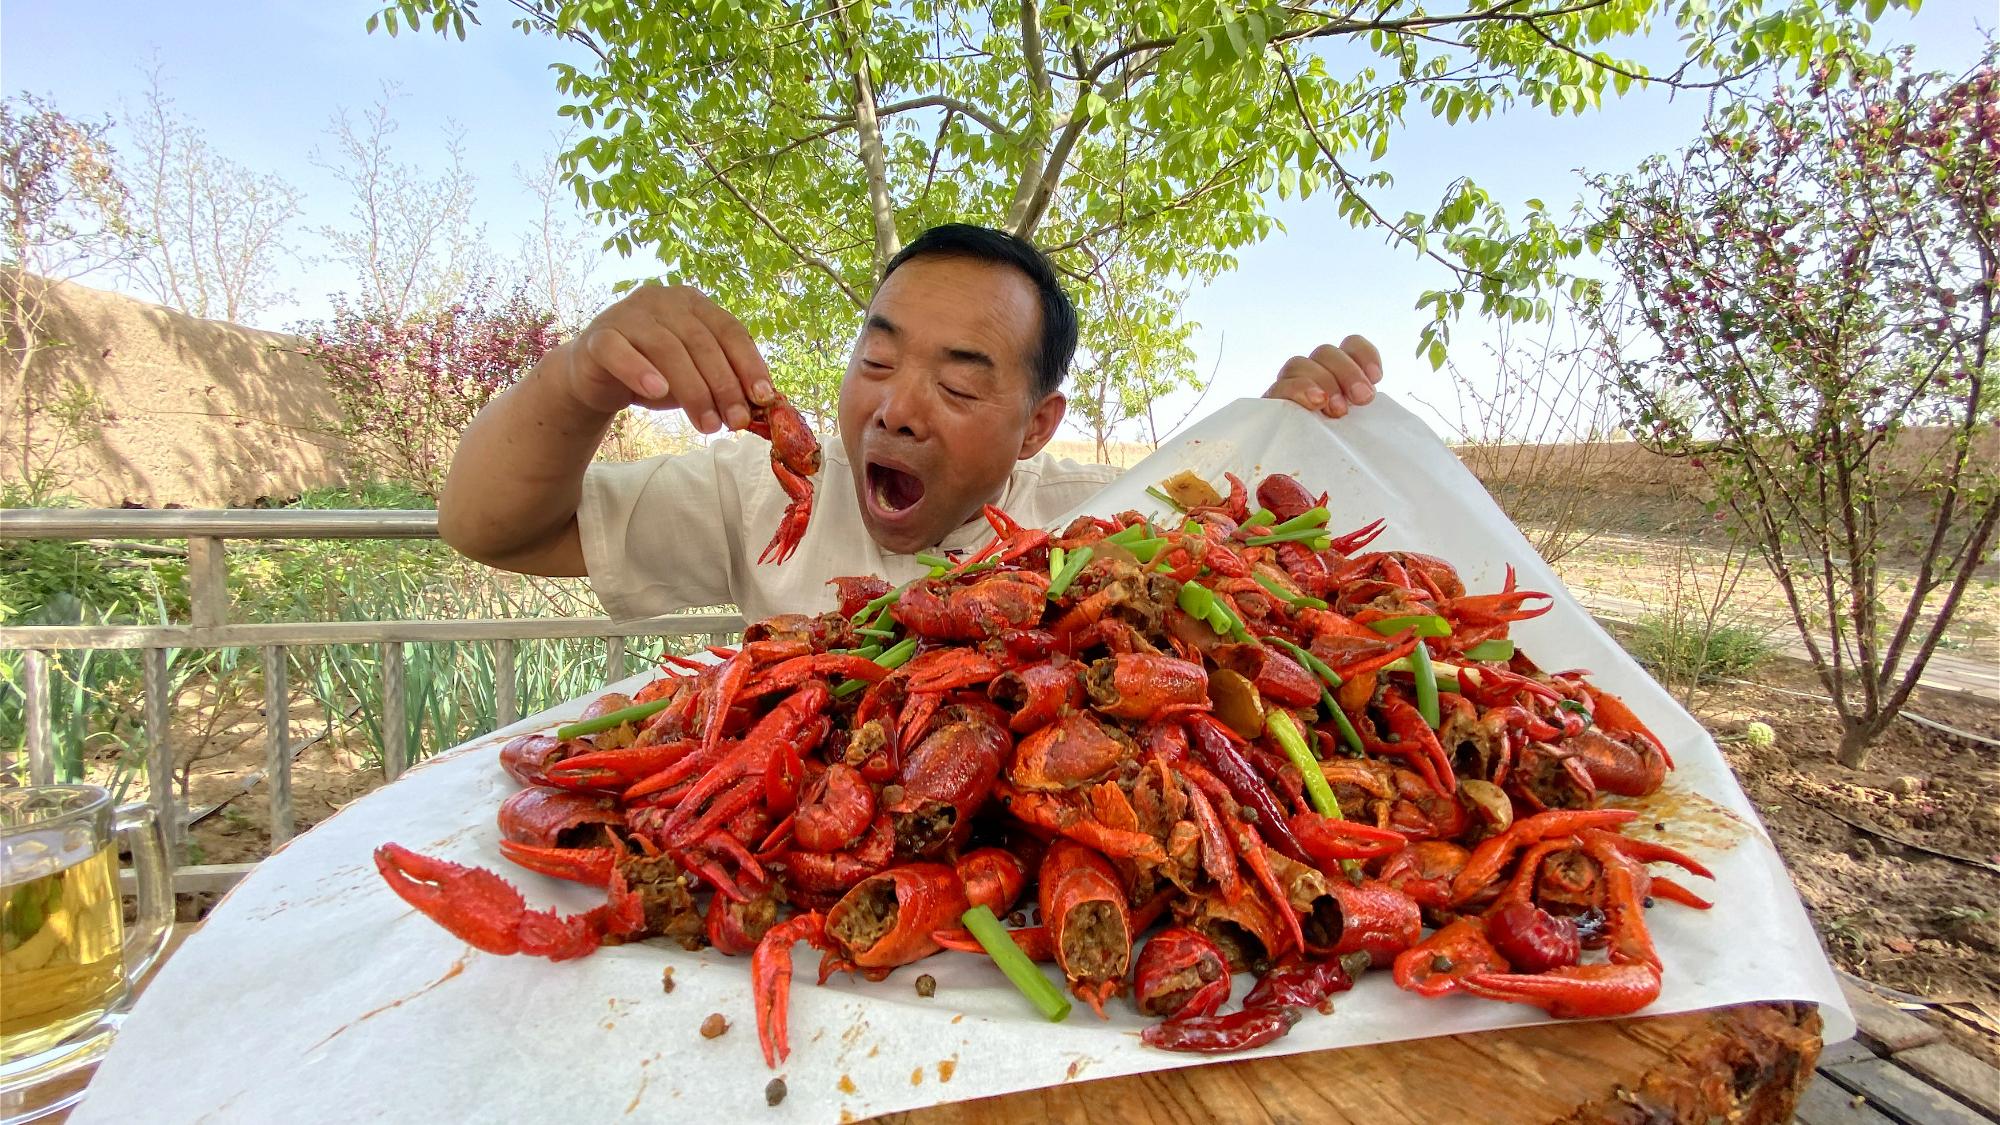 15斤小龙虾,13种祖传香料,做个麻辣十三香小龙虾,这下吃爽了